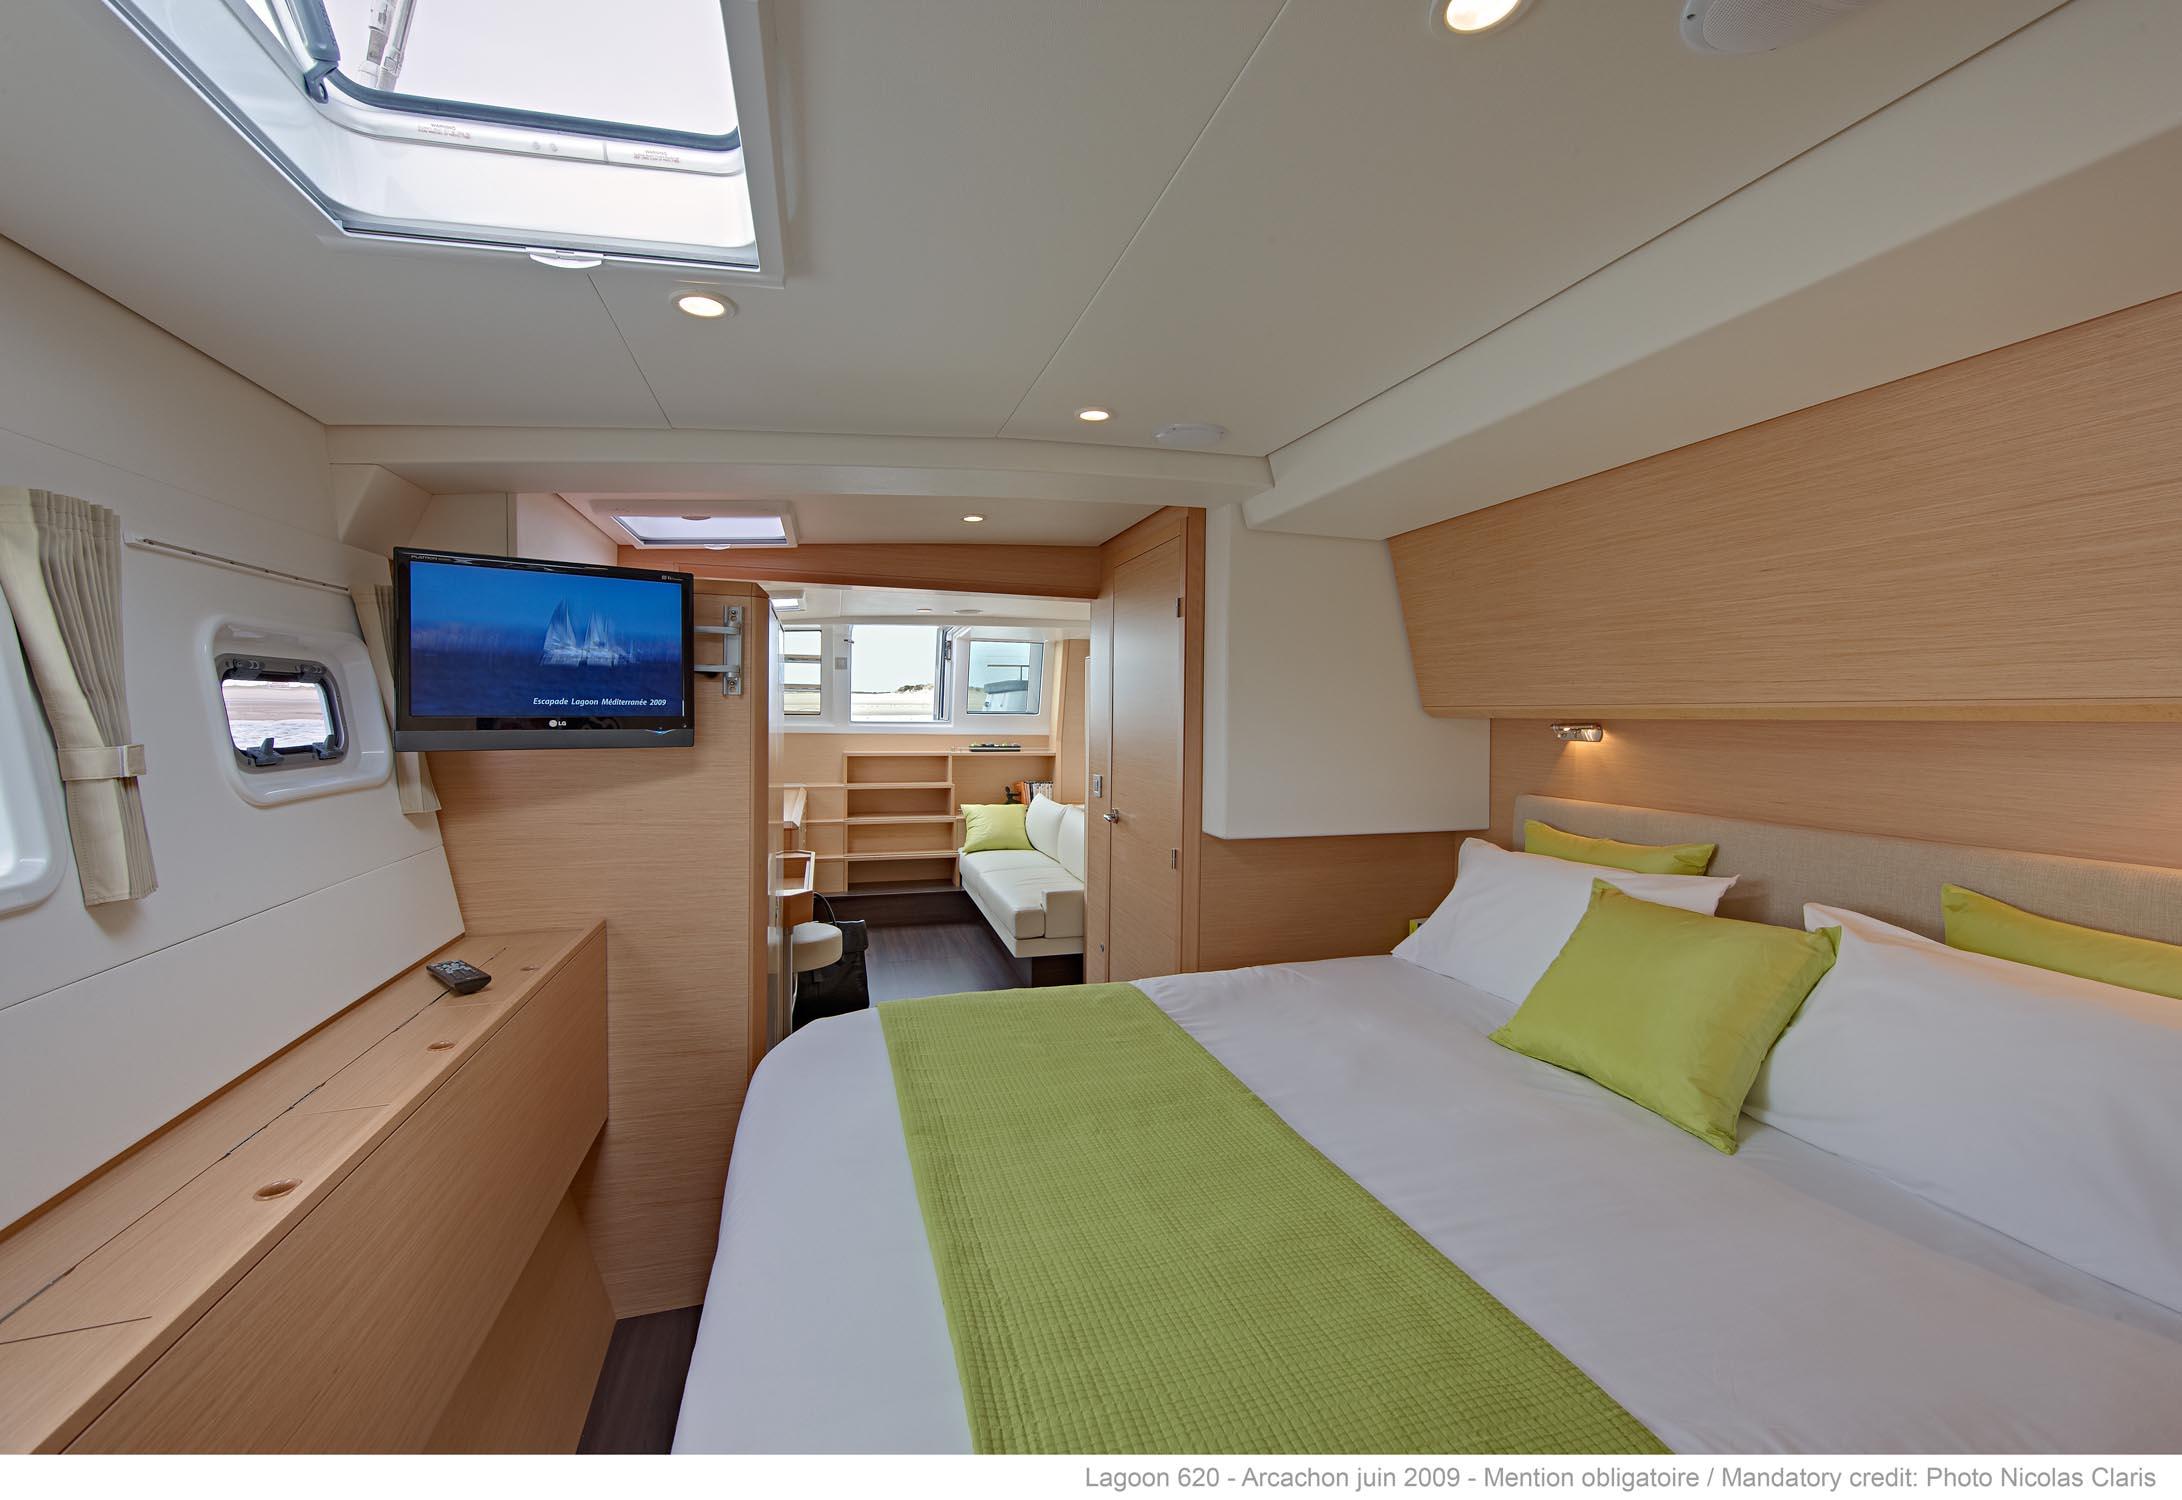 lagoon 620 couedel design herve couedel architecte d 39 interieur muzillac et sarzeau. Black Bedroom Furniture Sets. Home Design Ideas